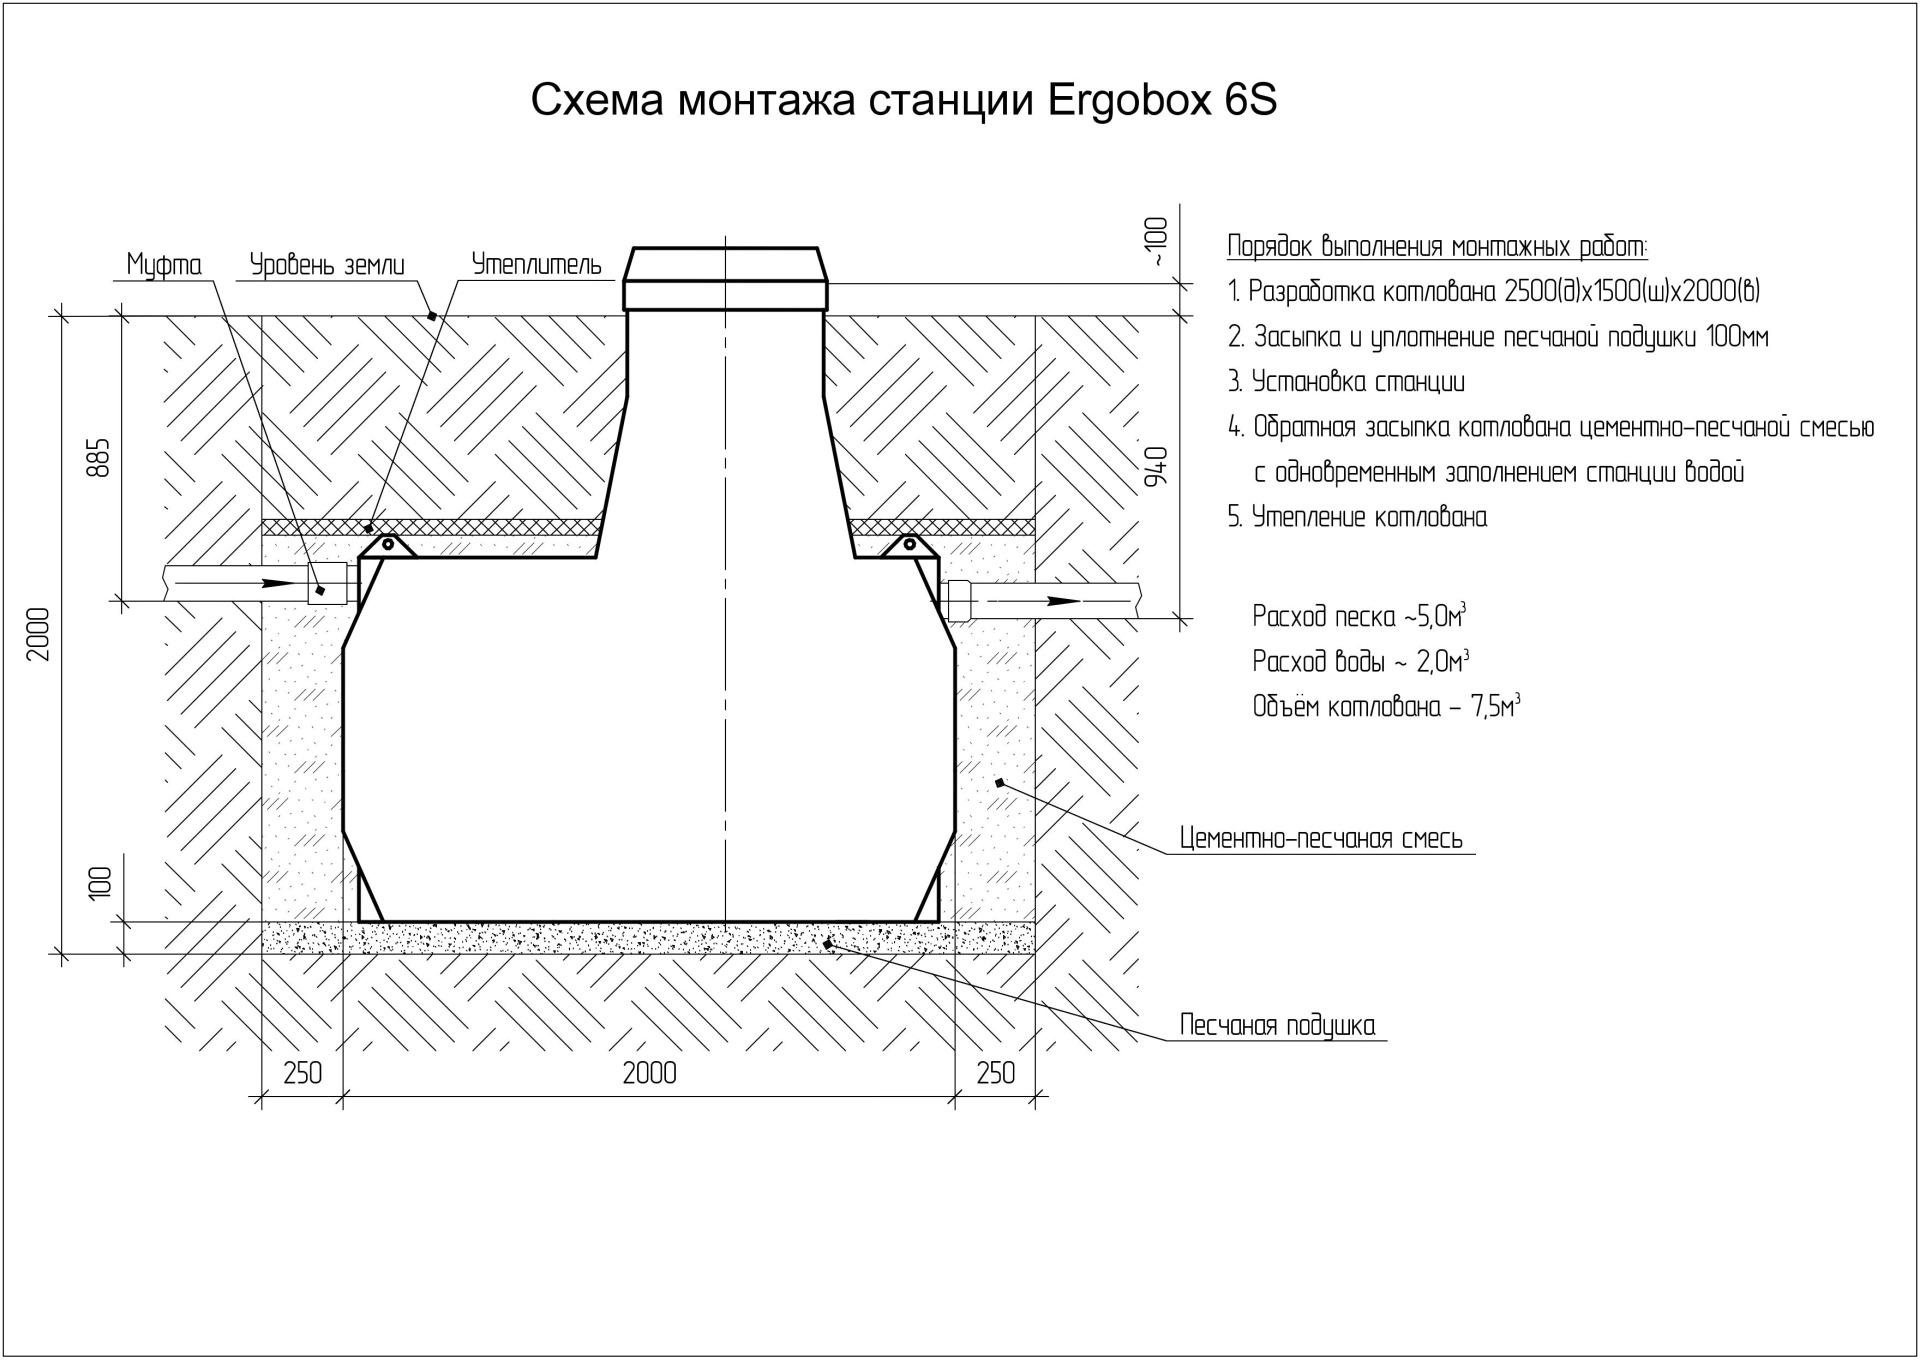 Монтажная схема Эргобокс 6 S